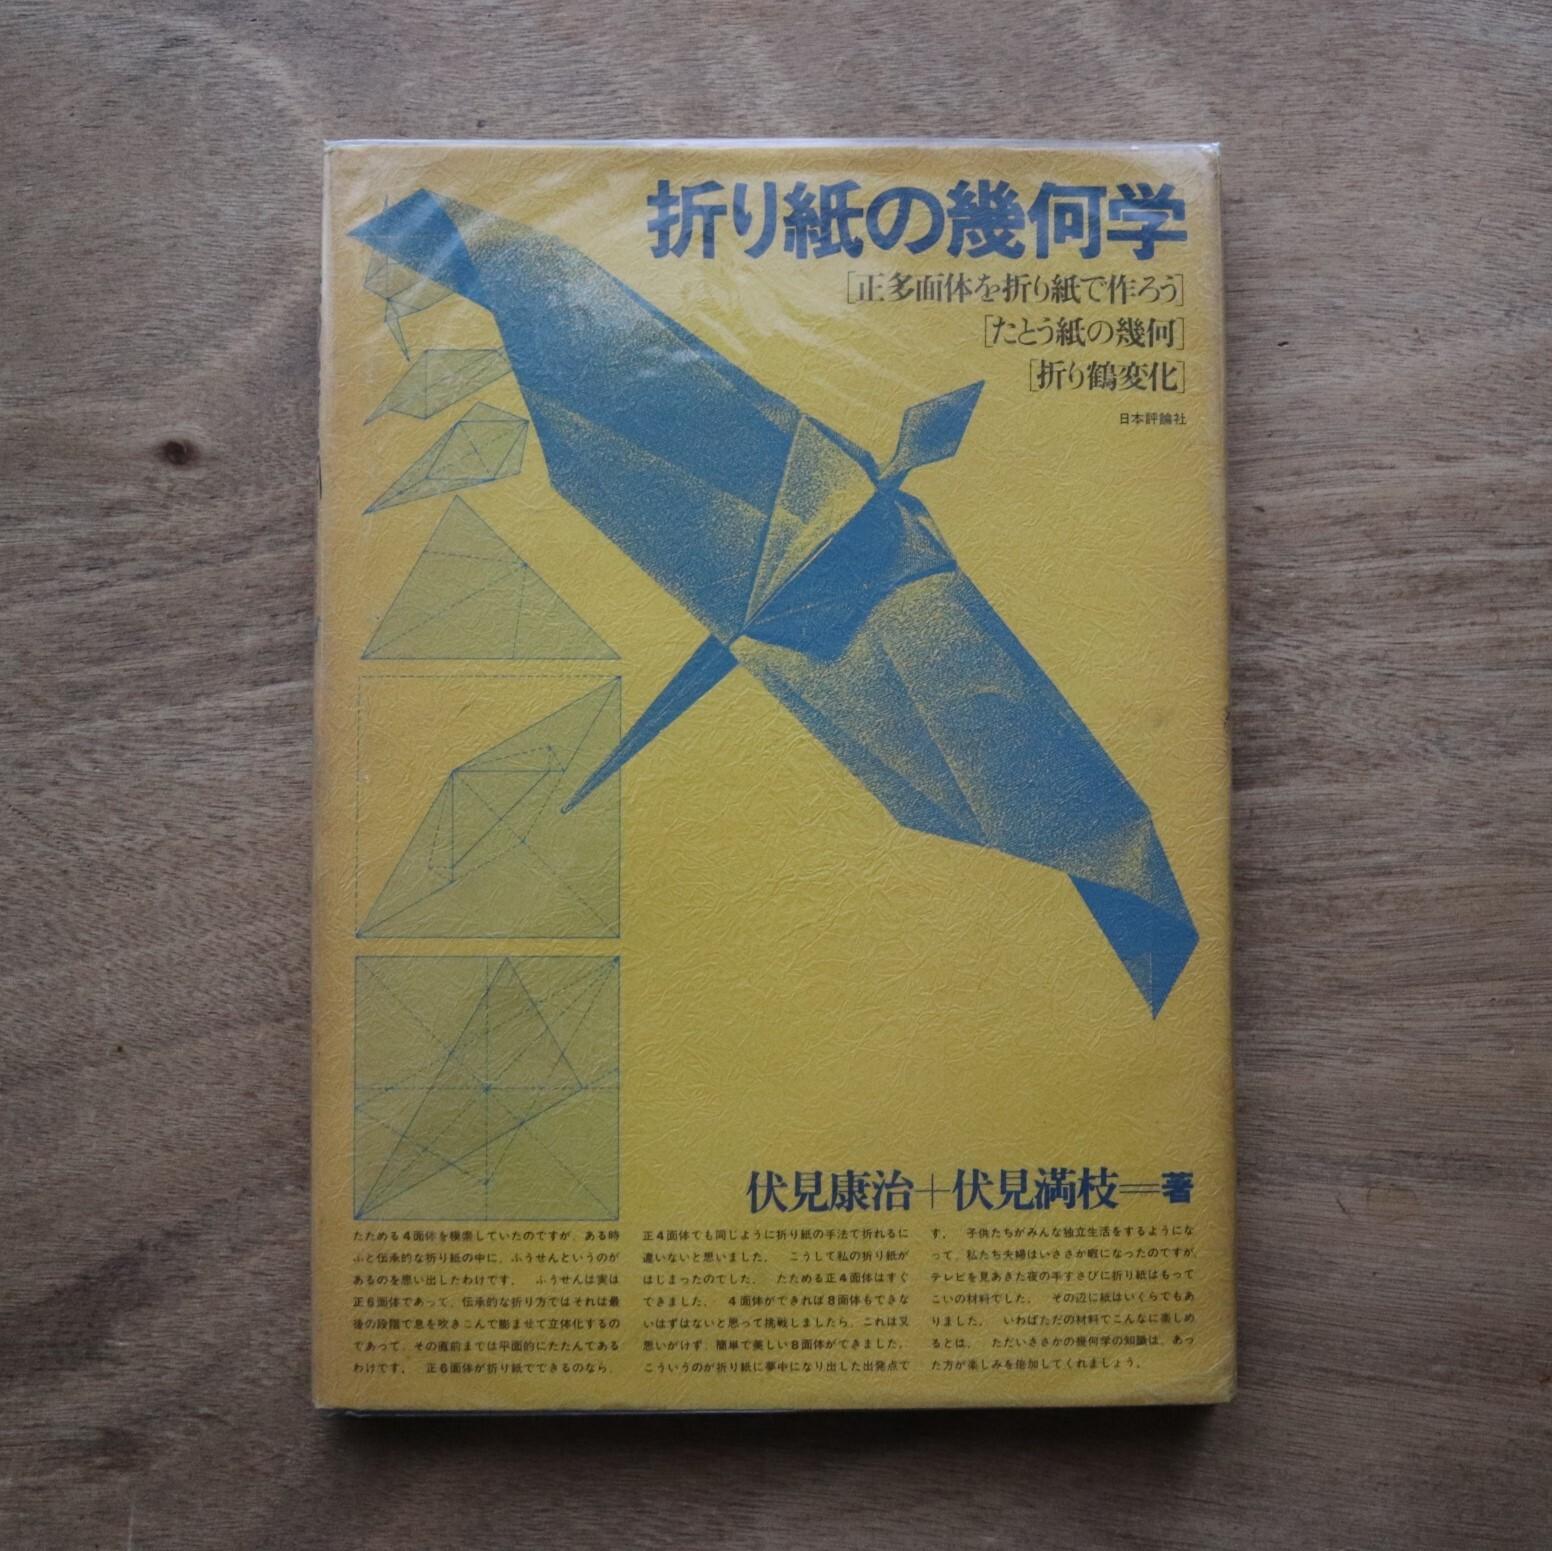 折り紙の幾何学 / 伏見 康治 (著), 伏見 満枝 (著)